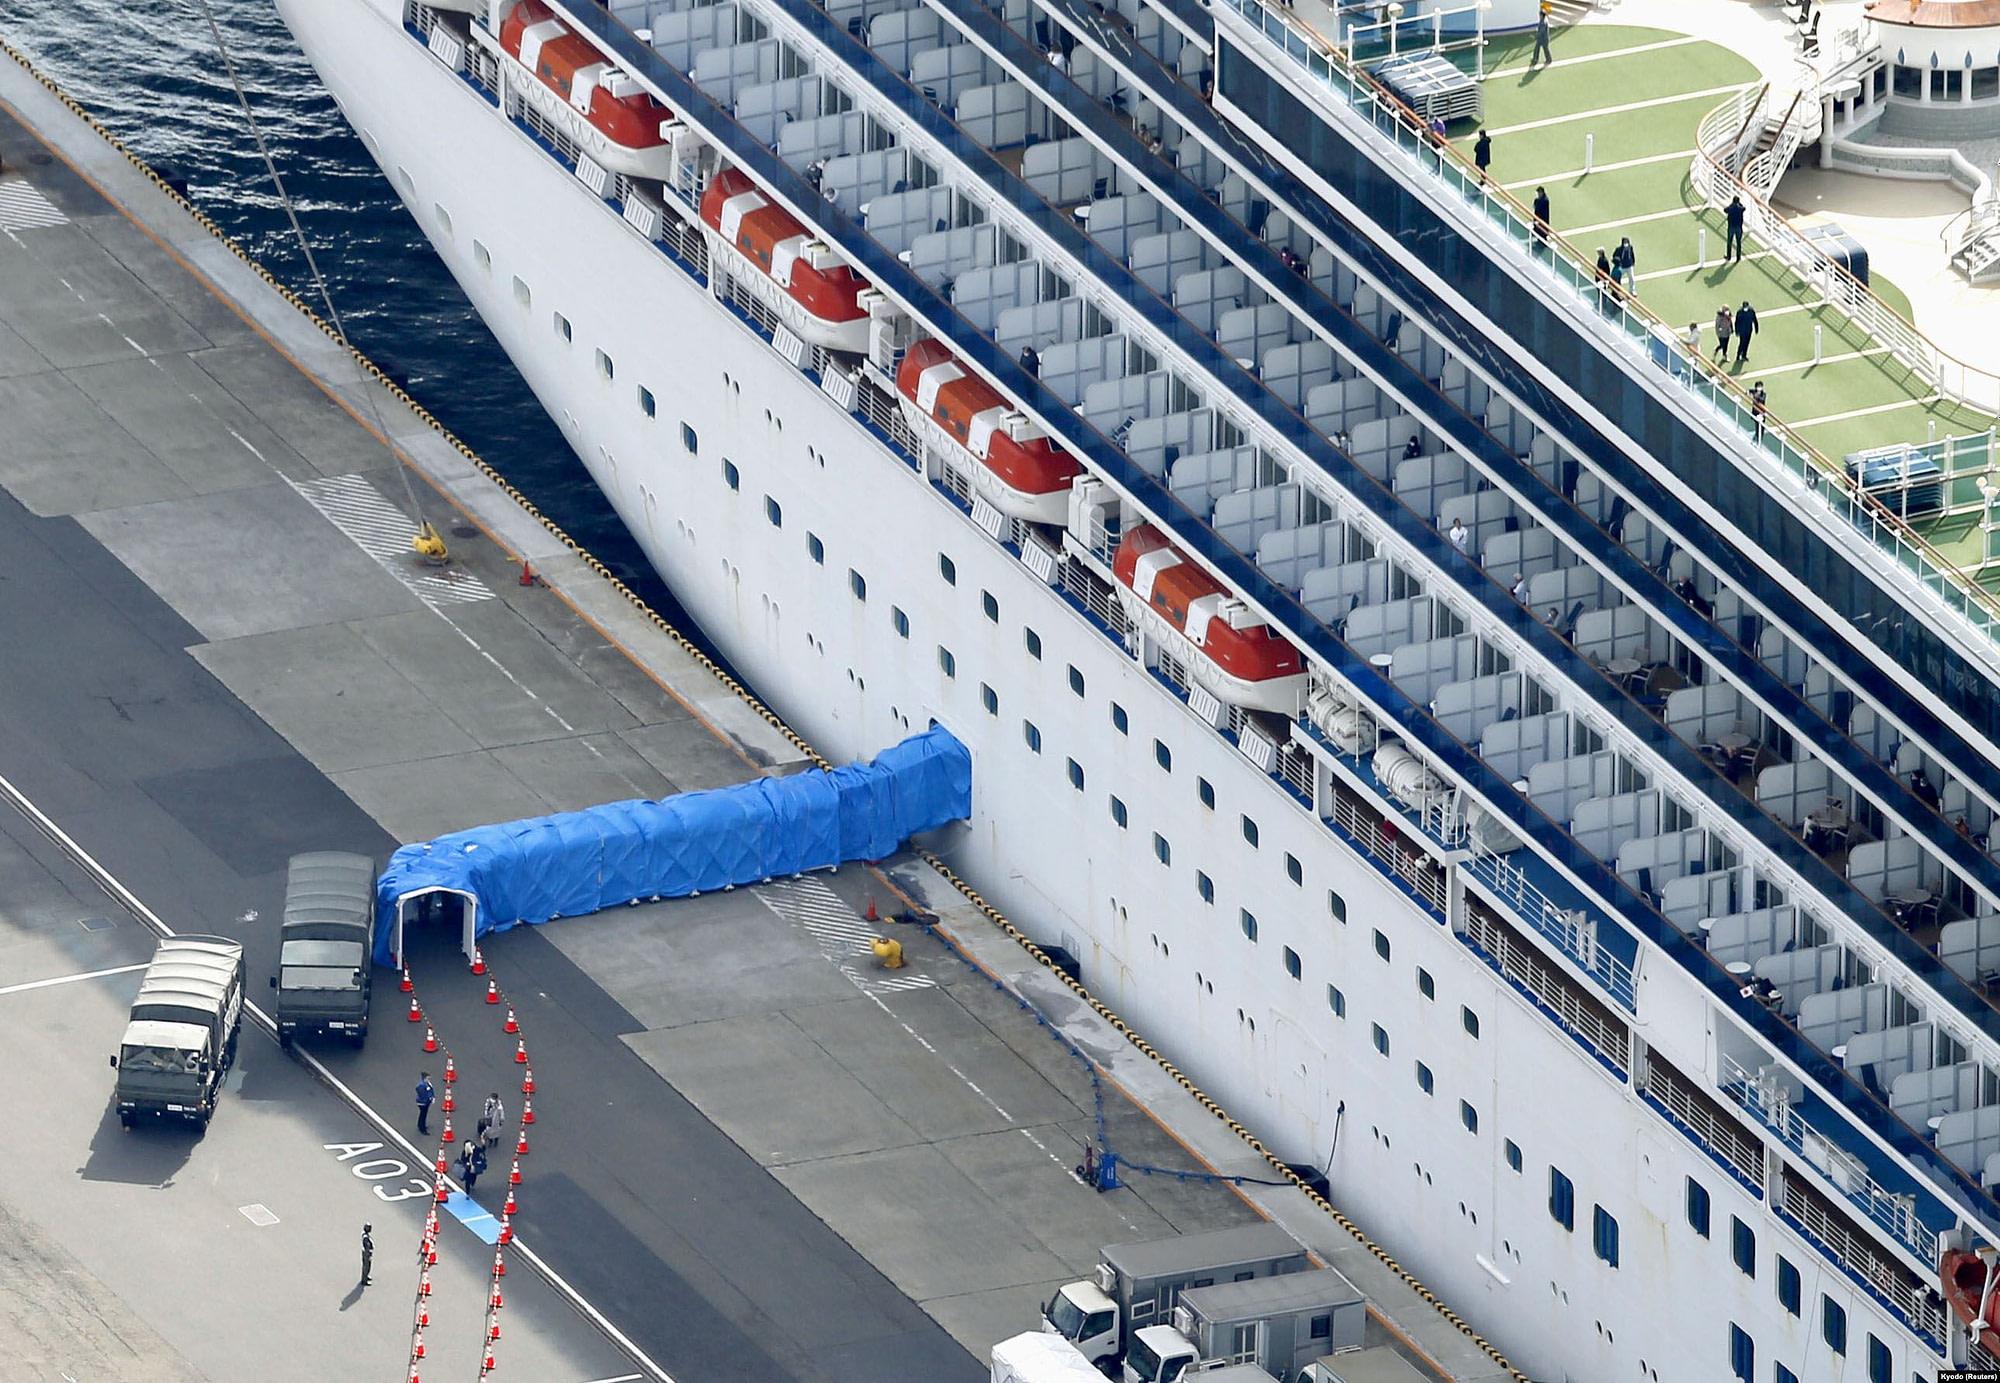 Лайнер Diamond Princess на карантині у японському порту Йокогама, 19 лютого 2020 року